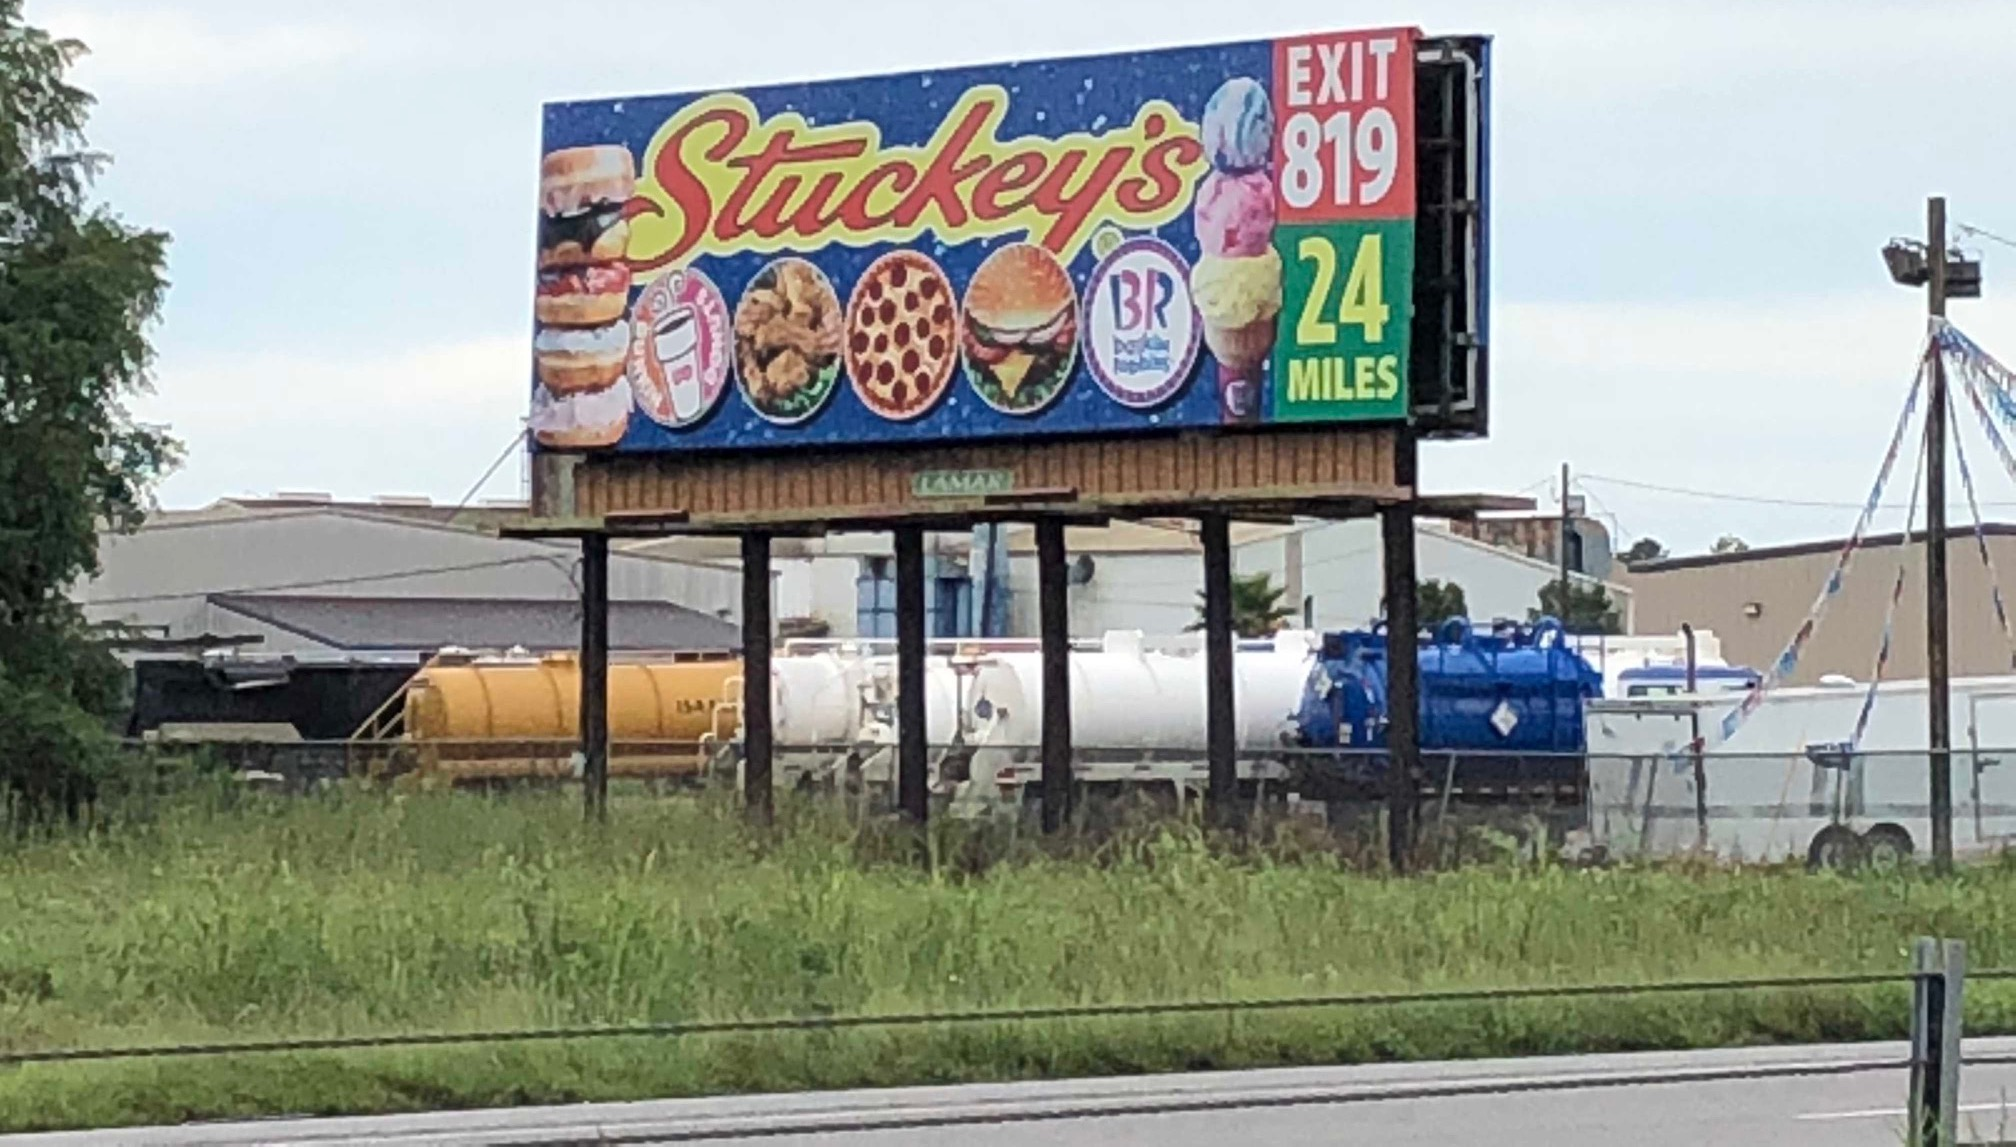 stuckey's billboard